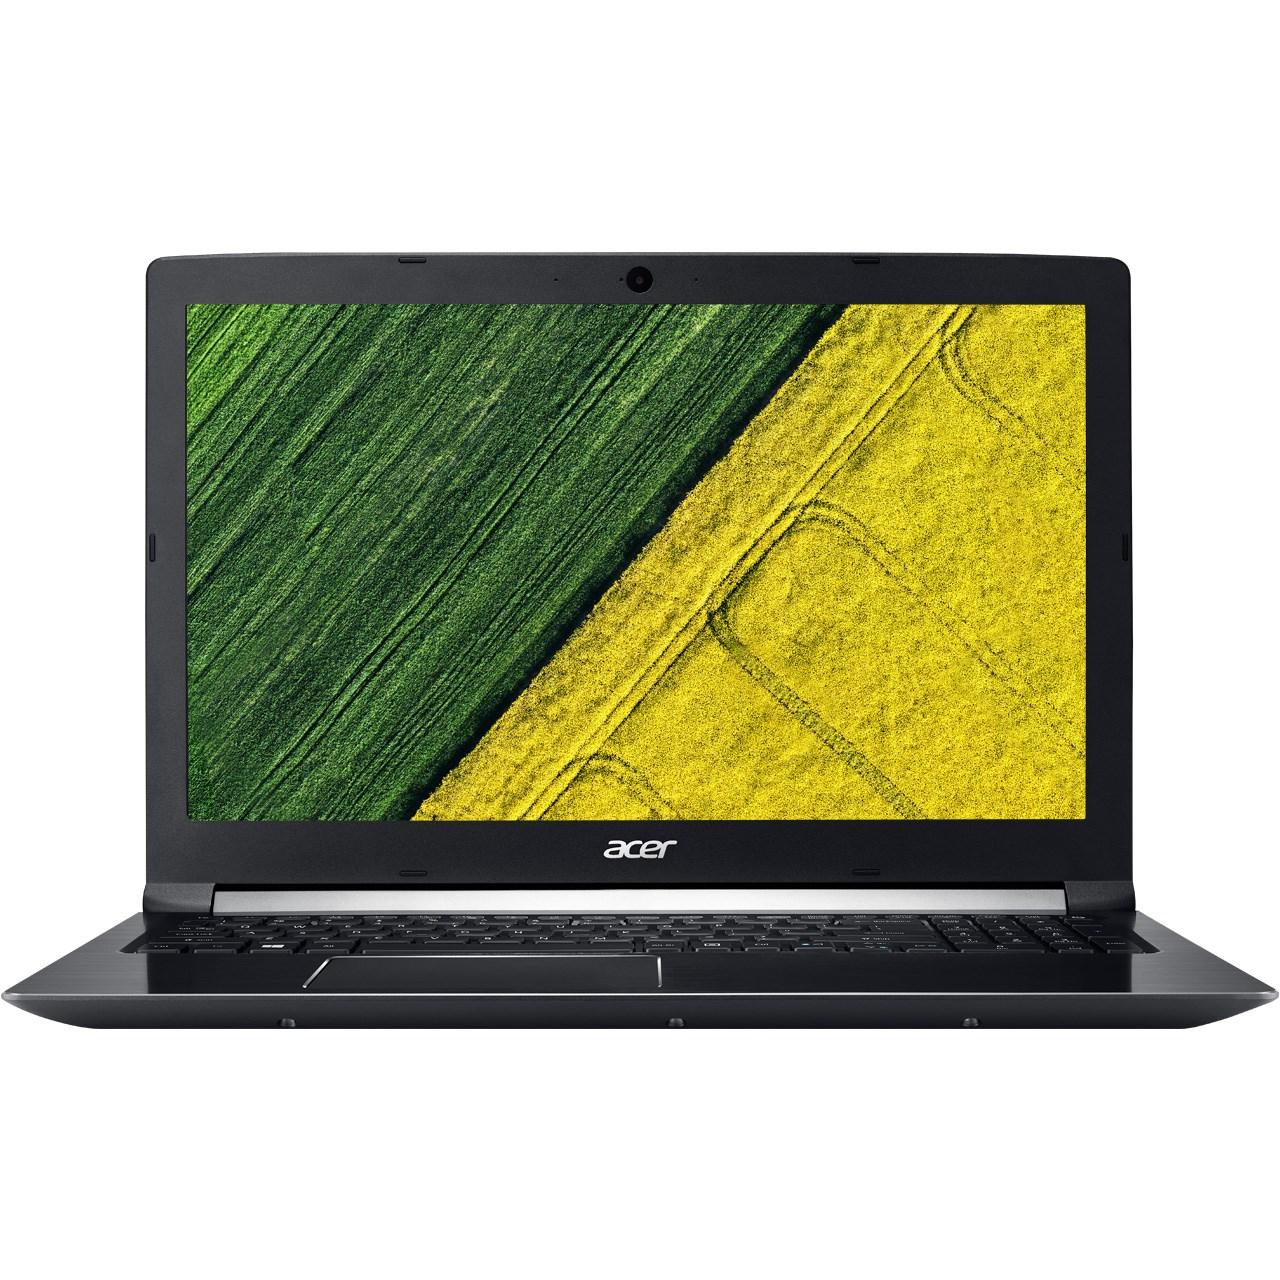 لپ تاپ 15 اینچی ایسر مدل Aspire A715-71G-79YG